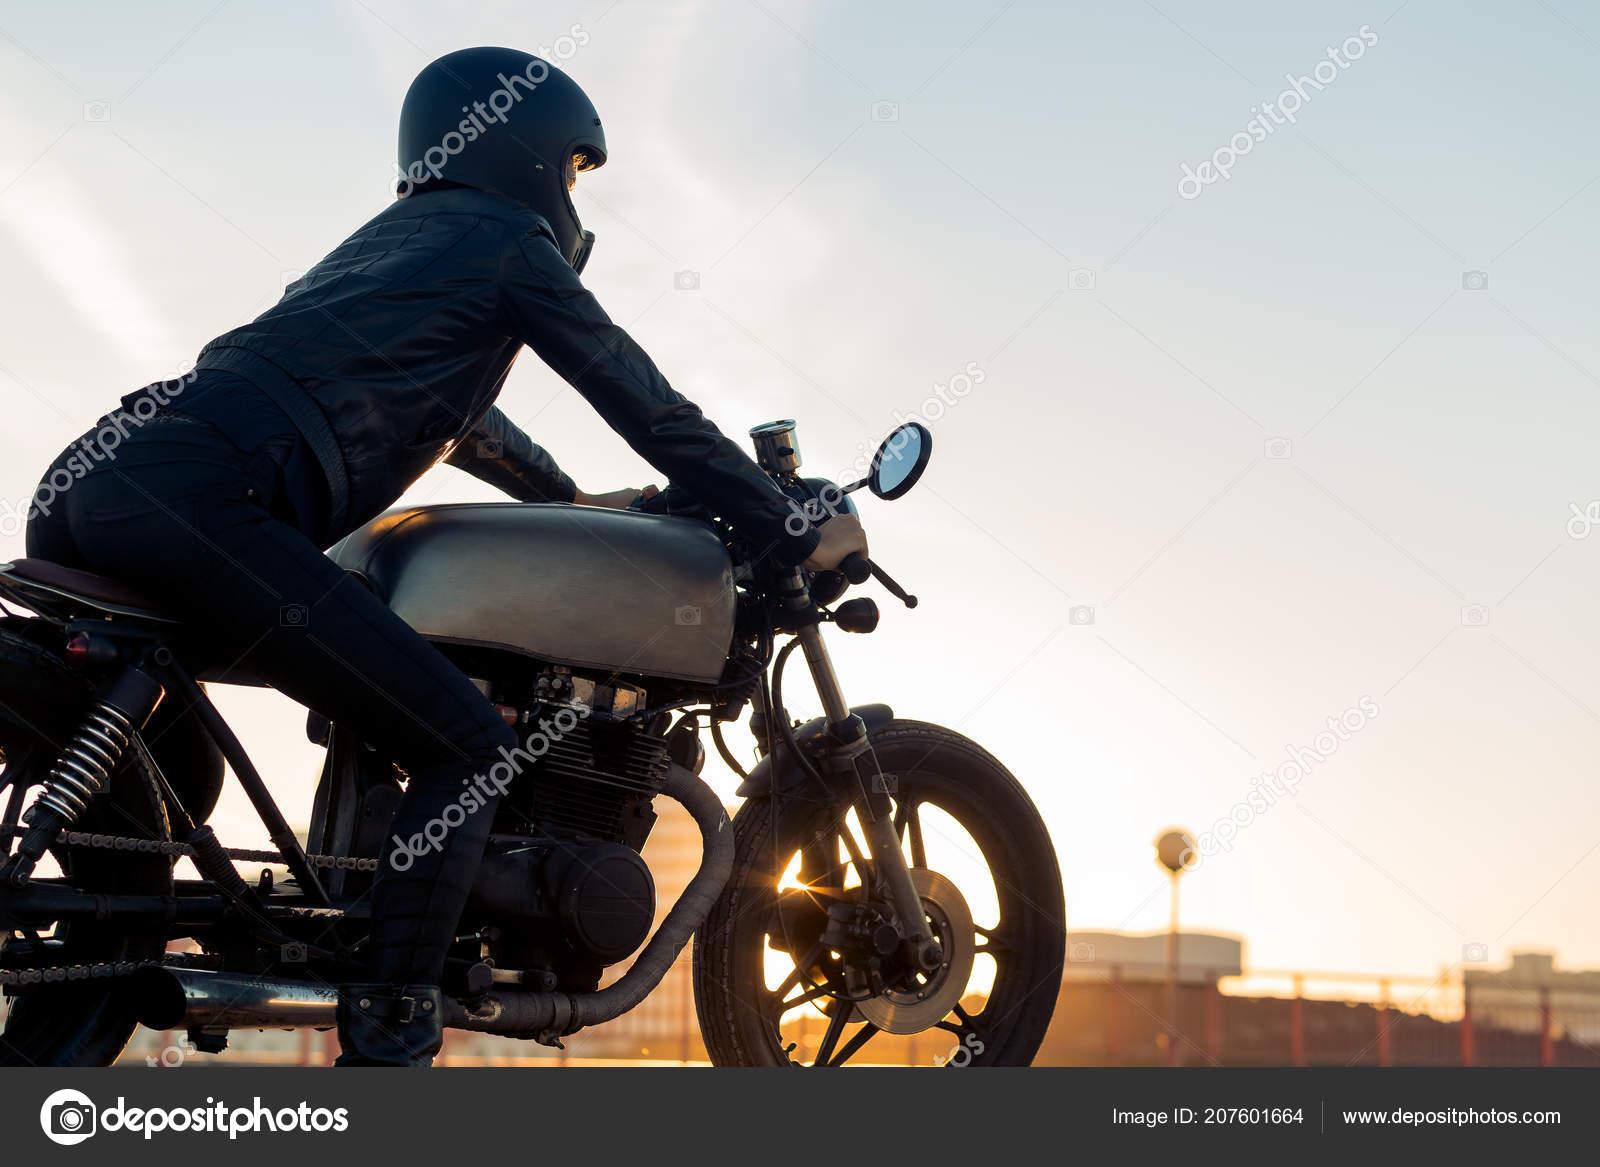 Femme Sexy Biker Veste Cuir Noir Casque Intégral Asseoir Sur